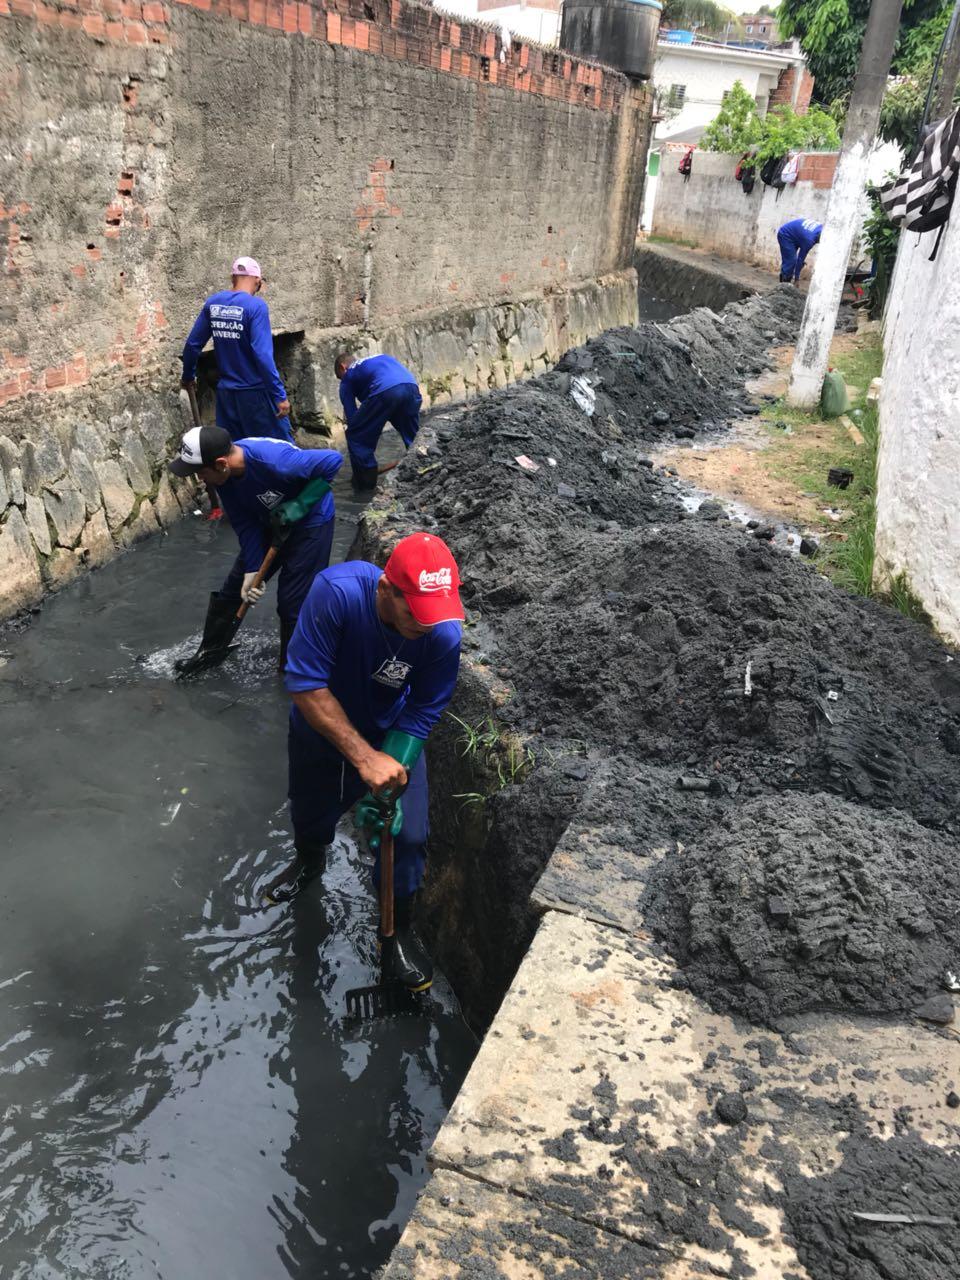 Doze canais já foram limpos com a ajuda de 35 reeducandos em Jaboatão dos Guararapes. O trabalho foi iniciado há um ano. Crédito: Divulgação.